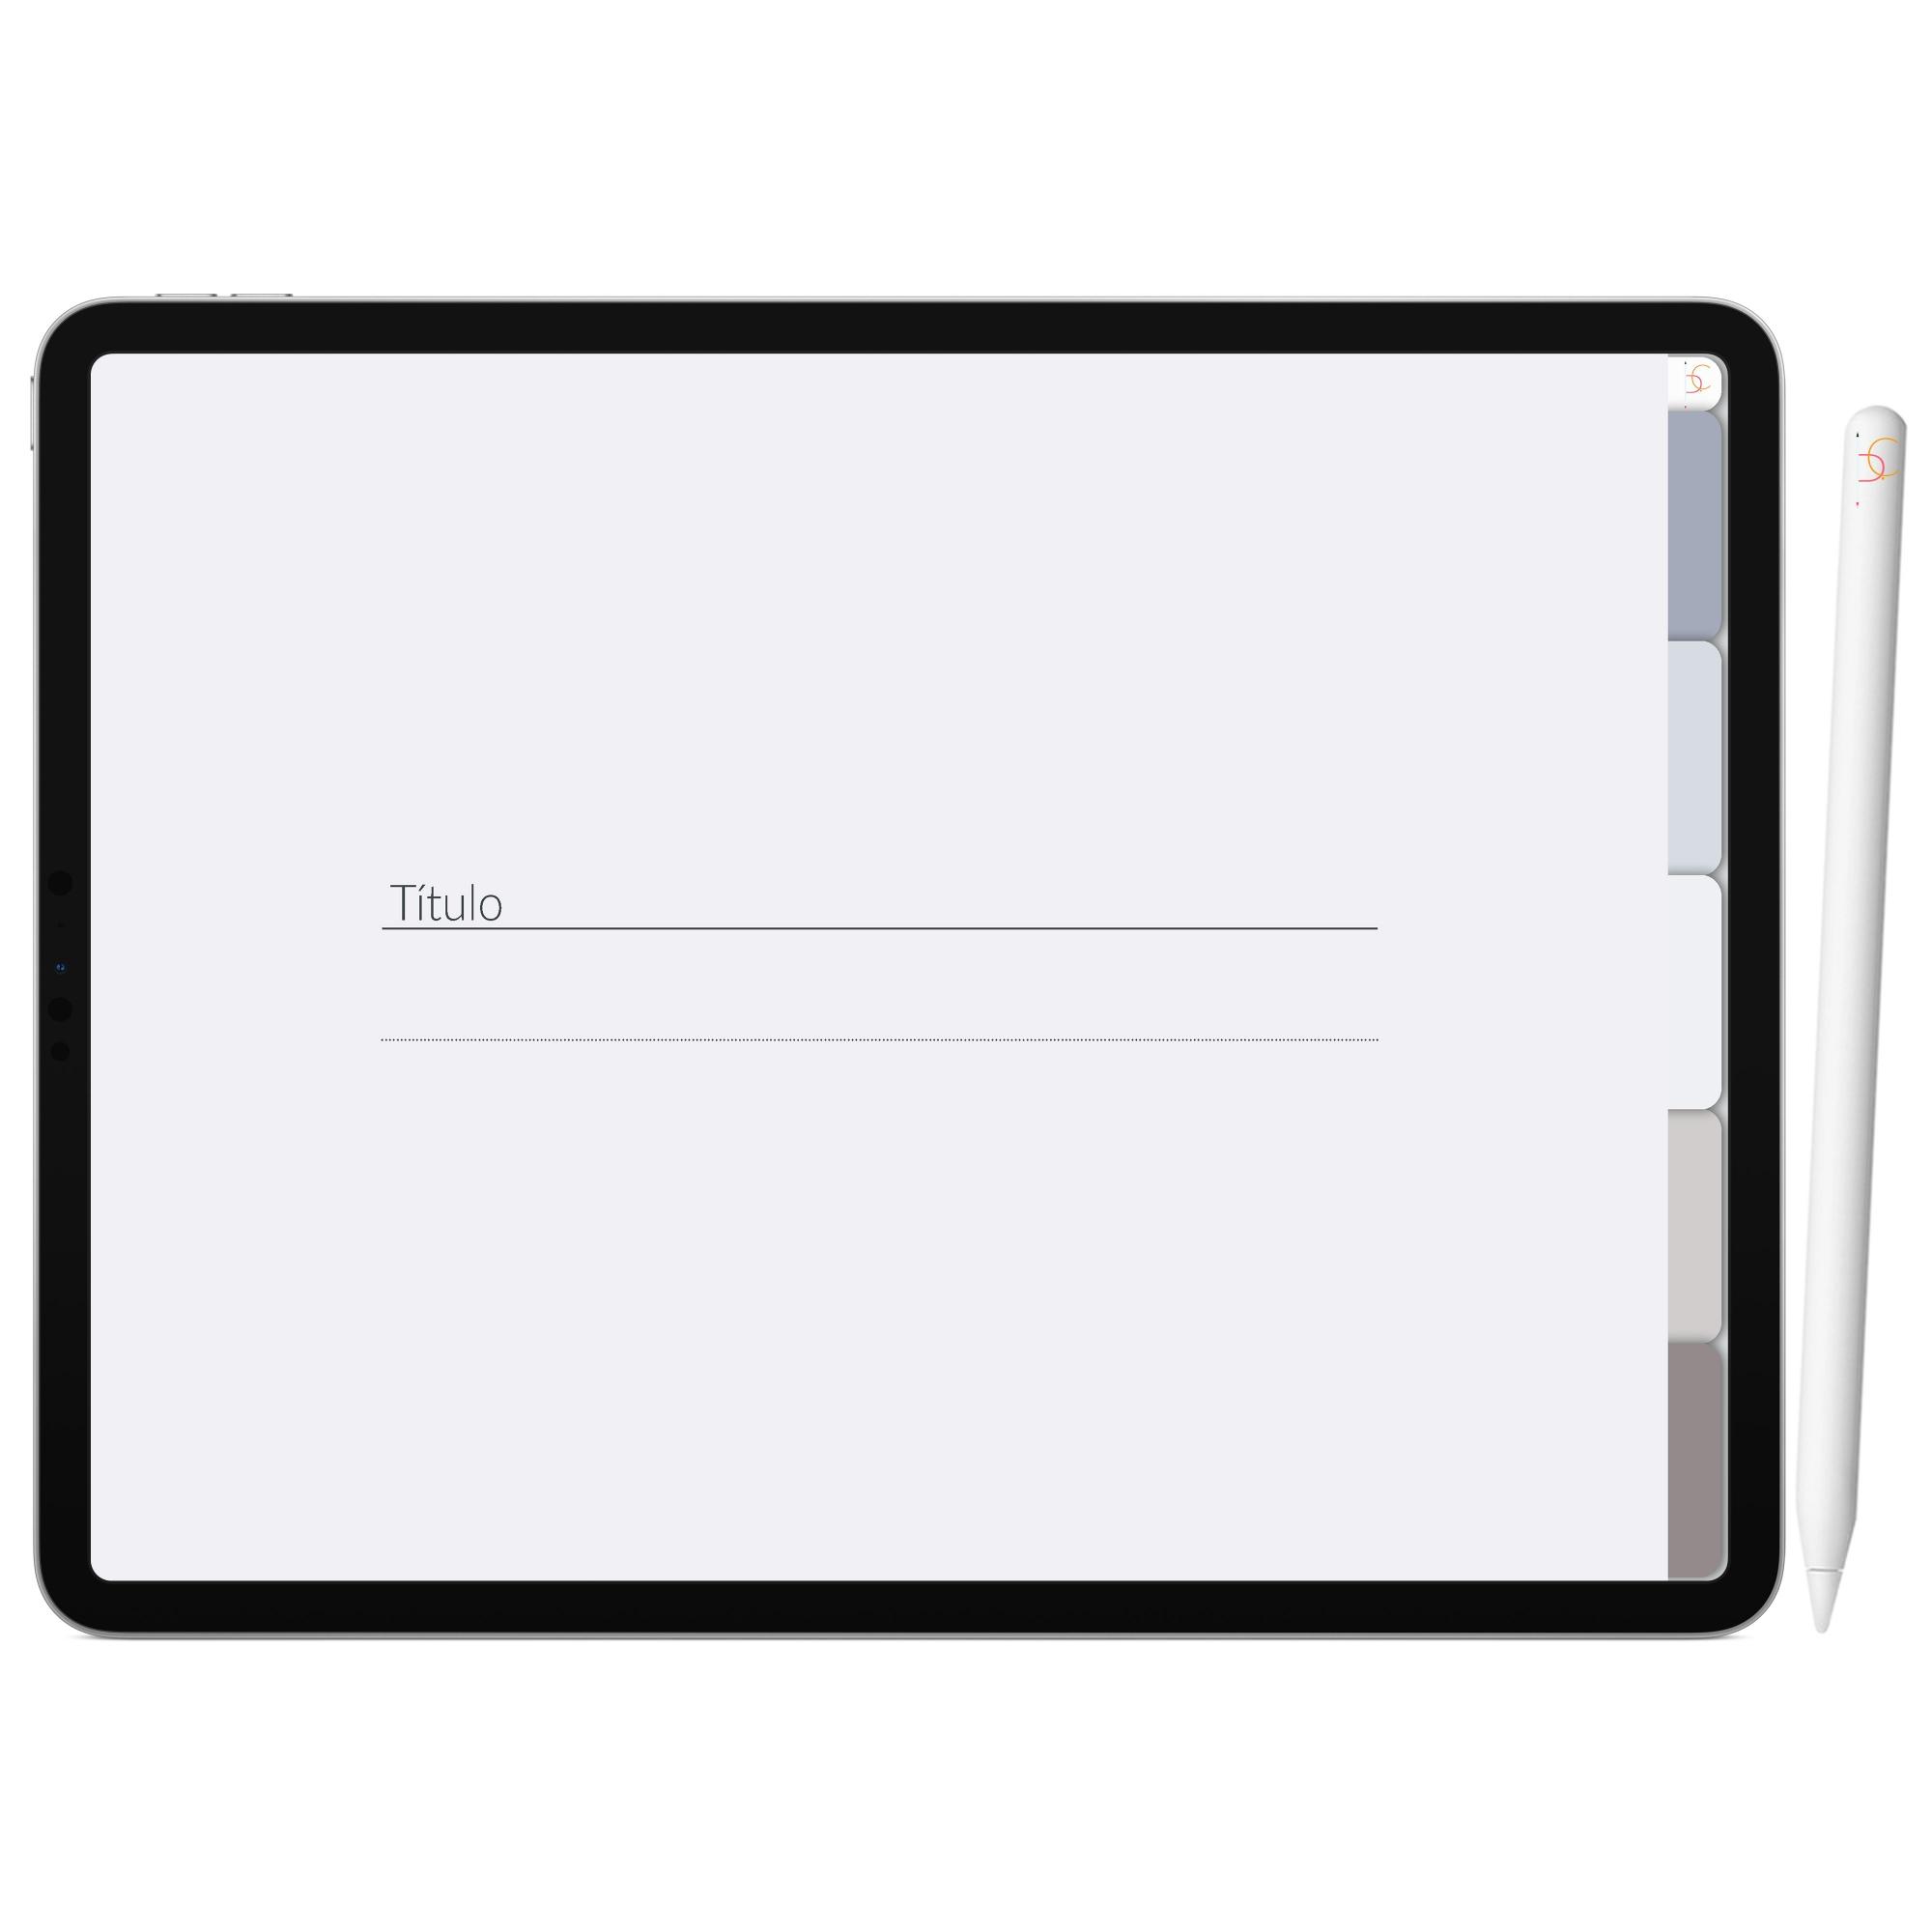 Mapa Mental Digital Cinza Escuro Céu Noturno | Cinco Matérias Interativo| iPad Tablet | Download Instantâneo